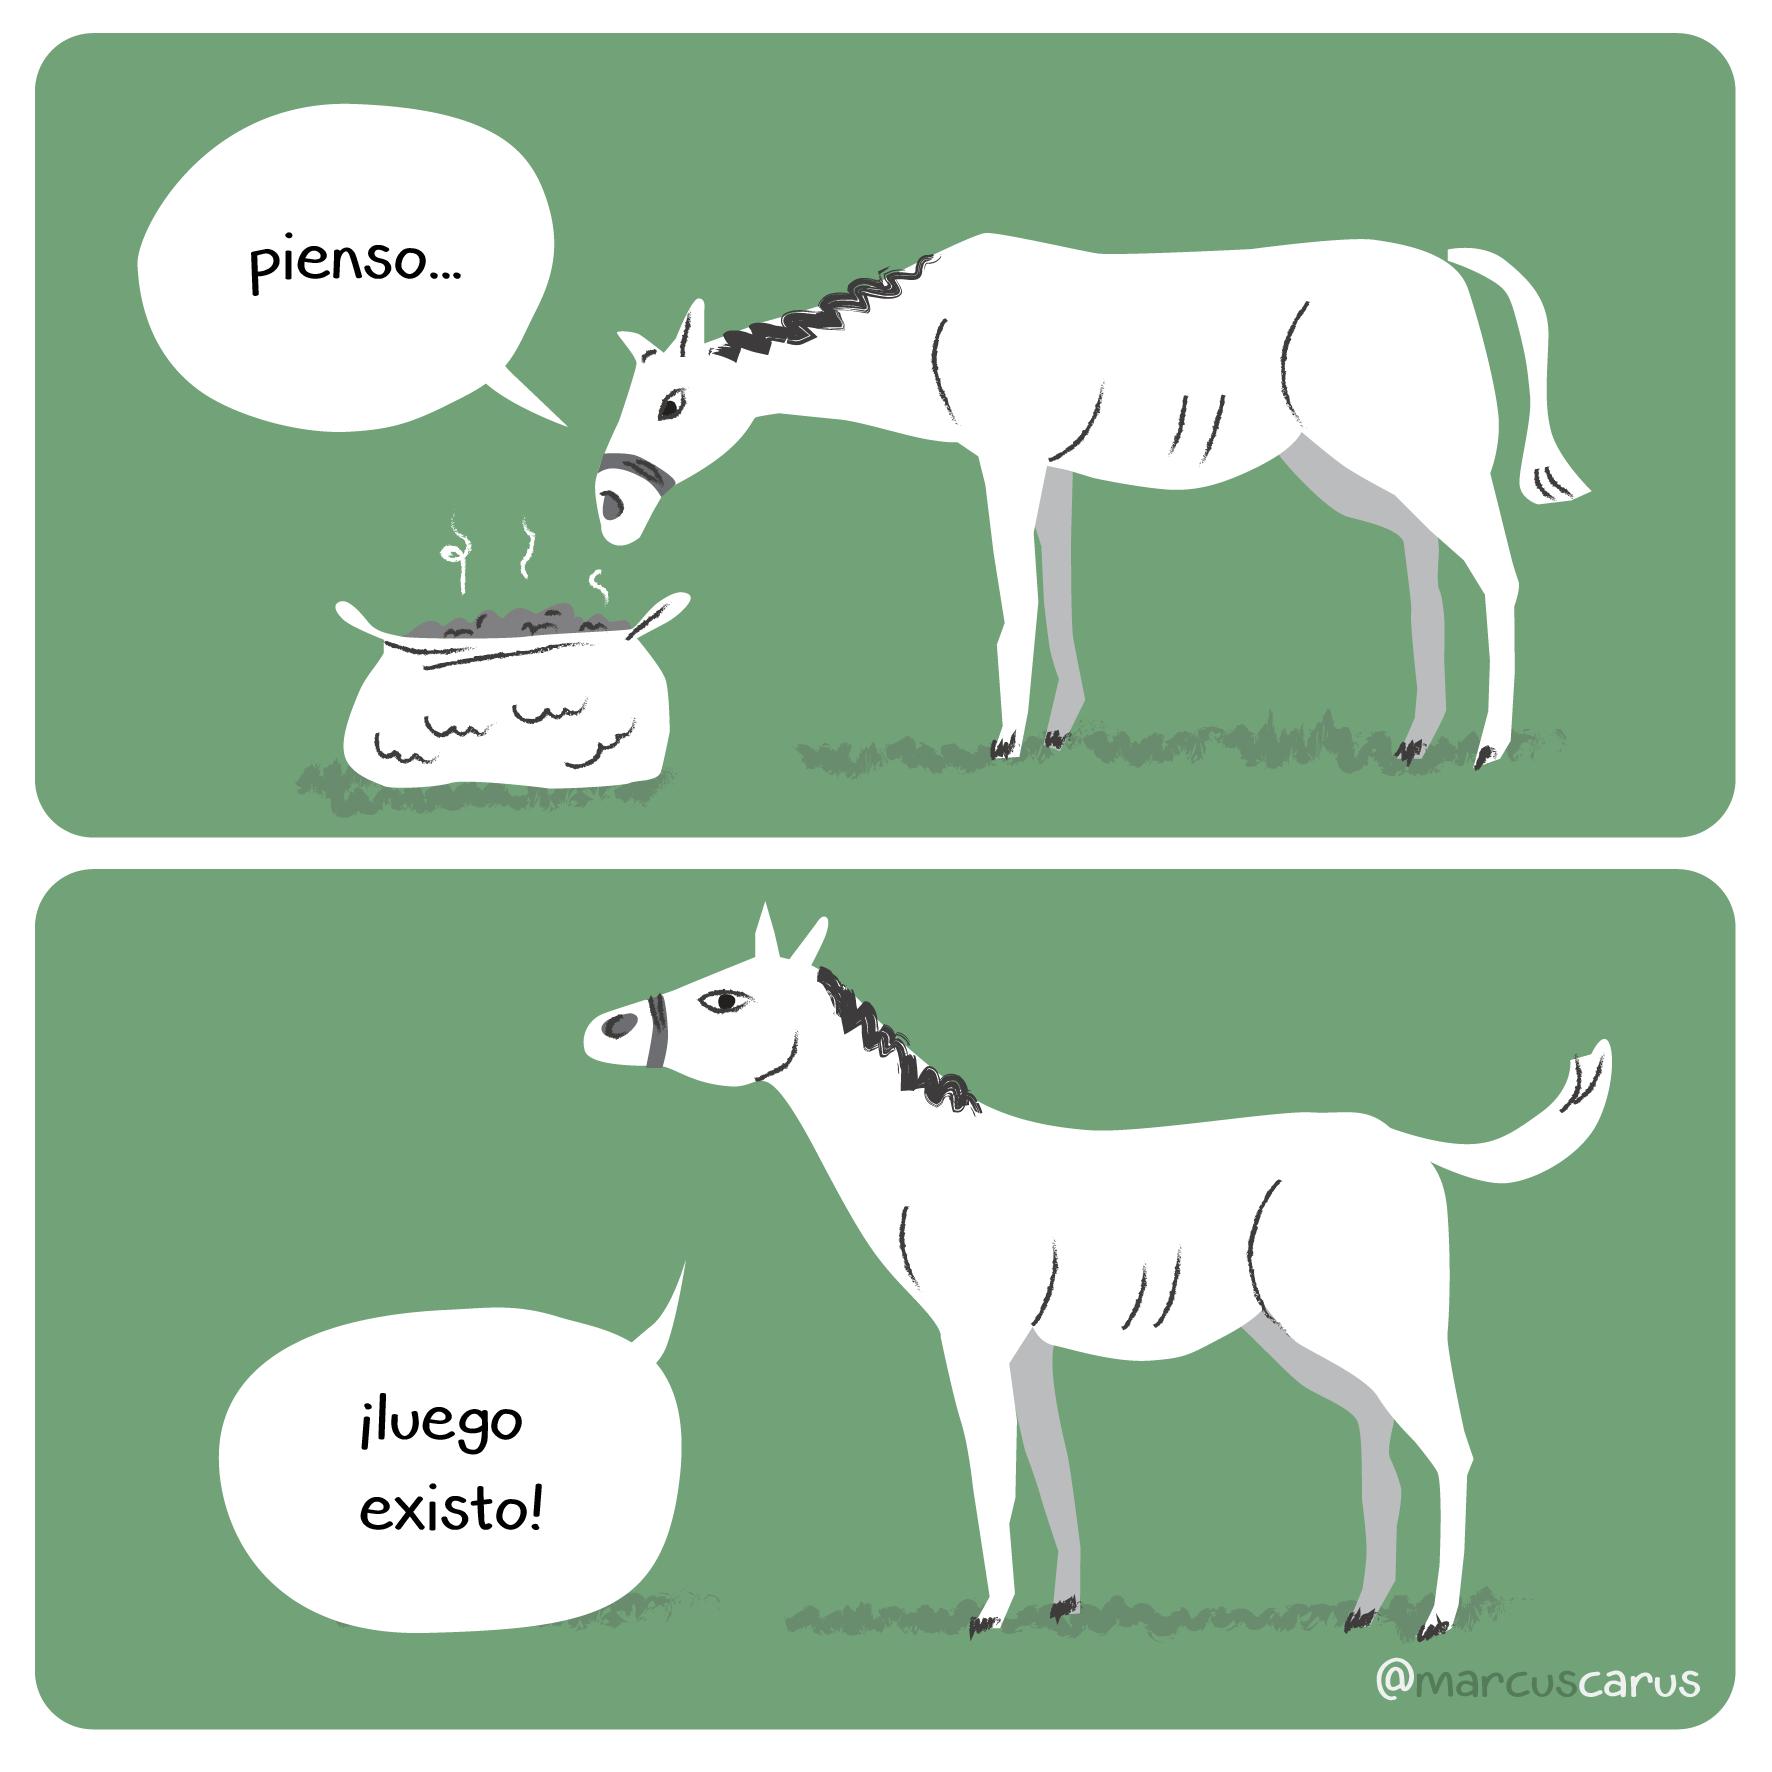 descartes caballo exisstencialismo viñeta prensa humor gráfico pienso luego existo